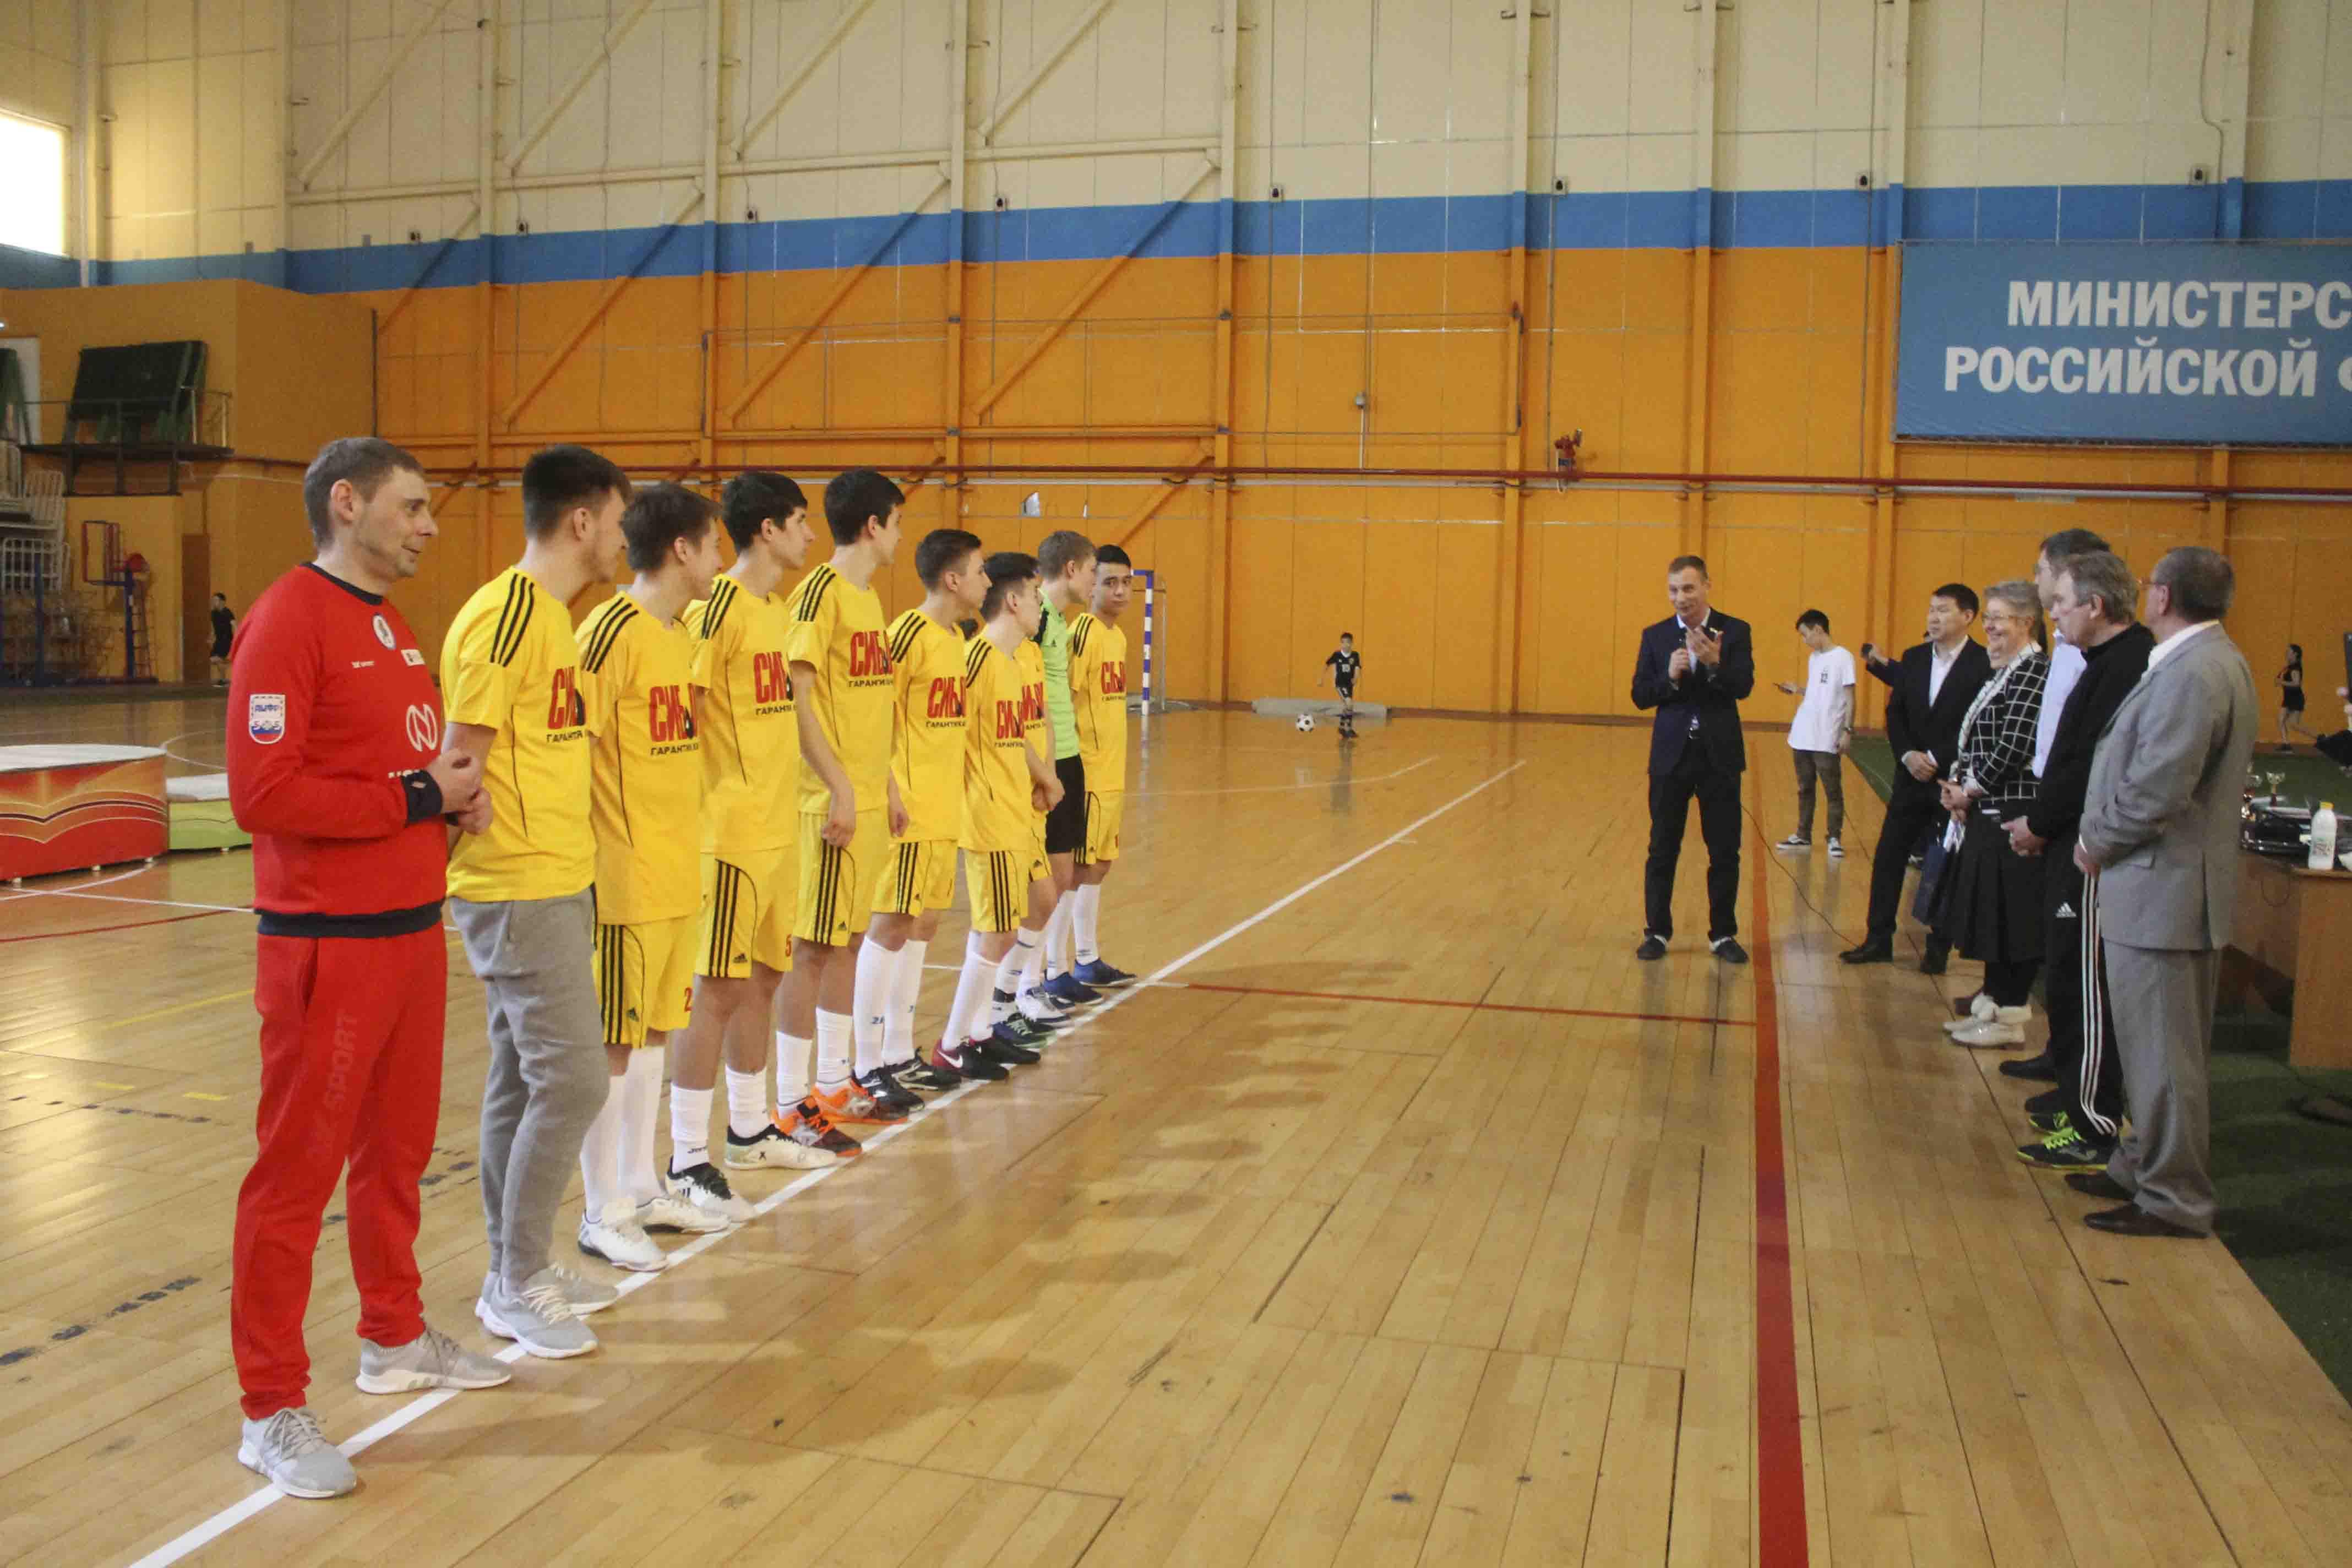 Команда школы Якутска выиграла на всероссийском соревновании по мини-футболу